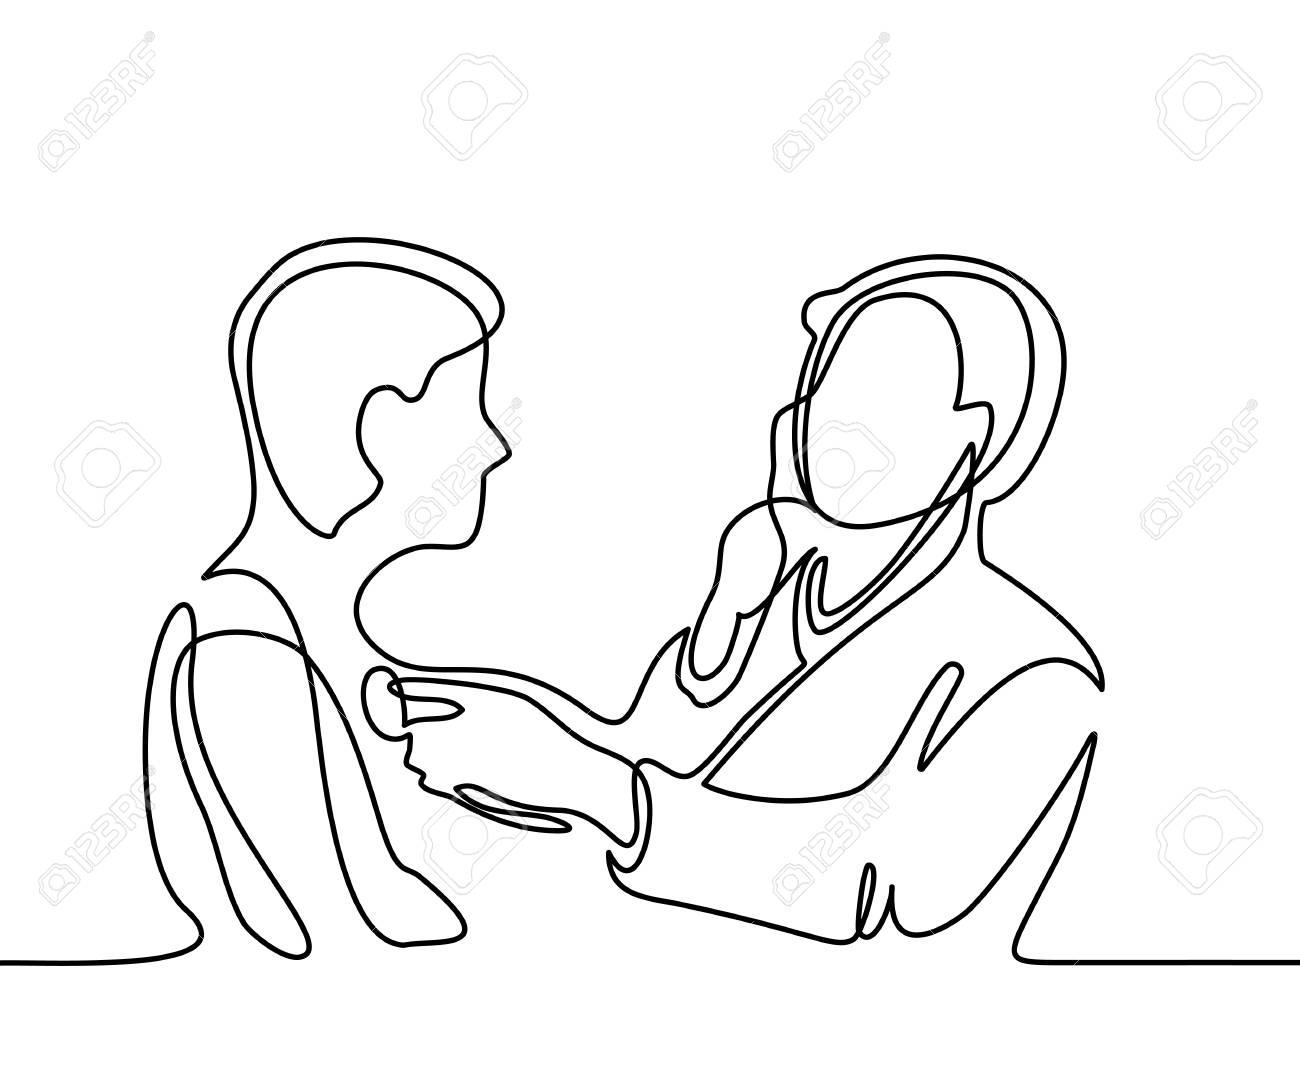 Docteur Avec Stéthoscope Traiter Un Homme Patient. Dessin Au Trait Continu.  Illustration Vectorielle Sur Fond Blanc dedans Dessin Stéthoscope